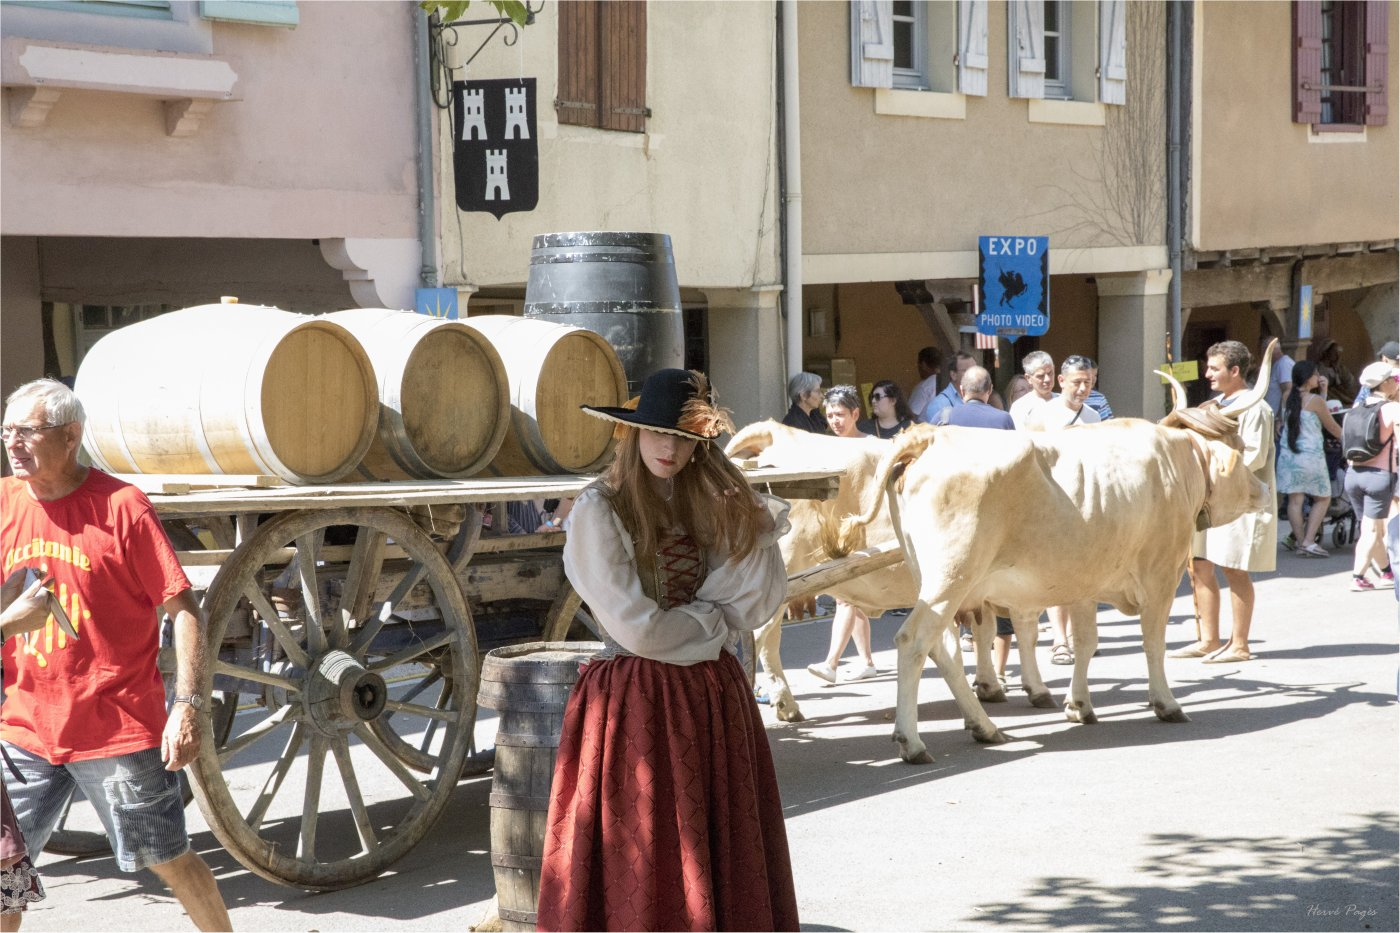 festival-prend-forme-d-une-evocation-vivante-et-animee-d-une-foire-de-village-du-17eme-siecle